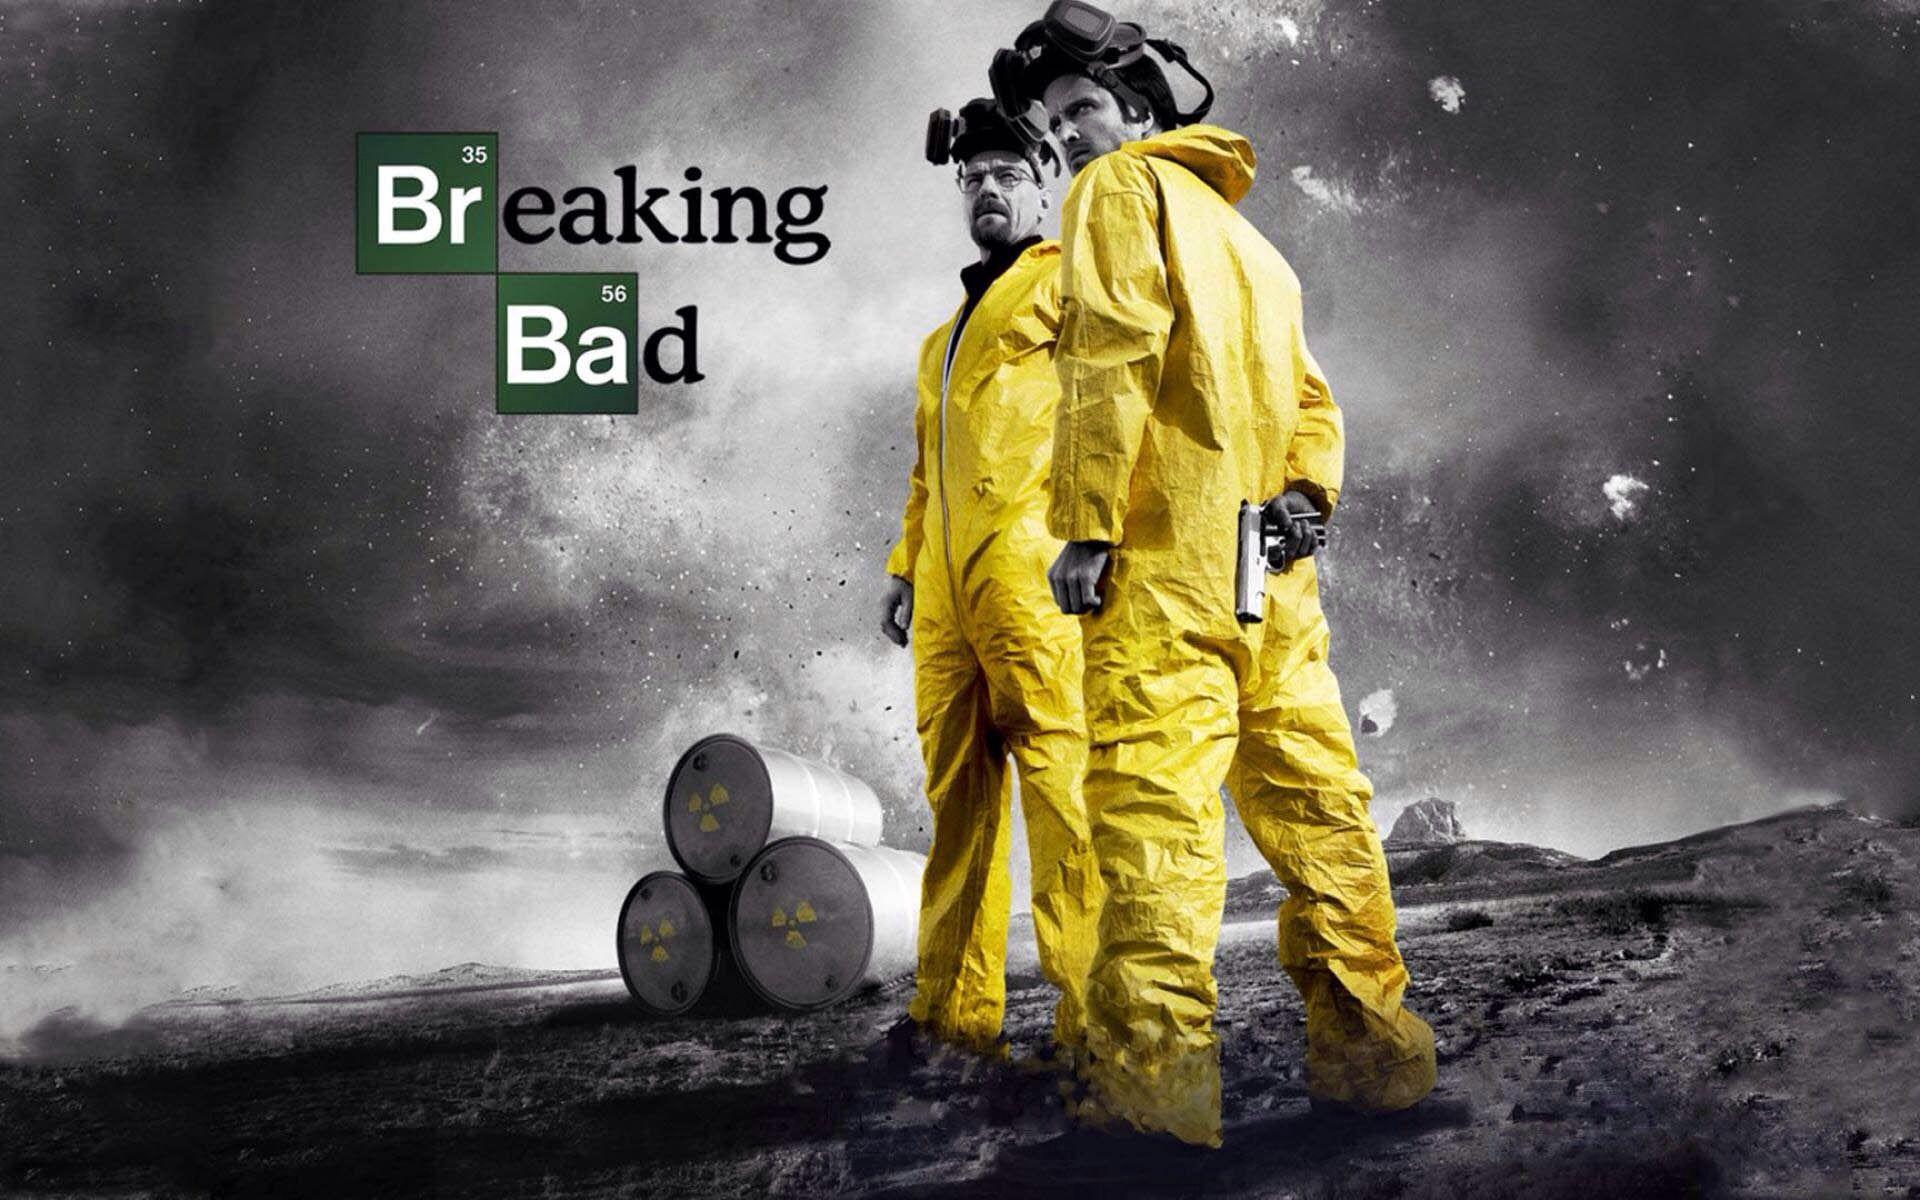 Breaking Bad 5 Season هو مسلسل جريمة درامي أمريكي من تأليف وإنتاج فينس غيليغان تم تصويره وإنتاجه في Breaking Bad Poster Breaking Bad Breaking Bad Seasons